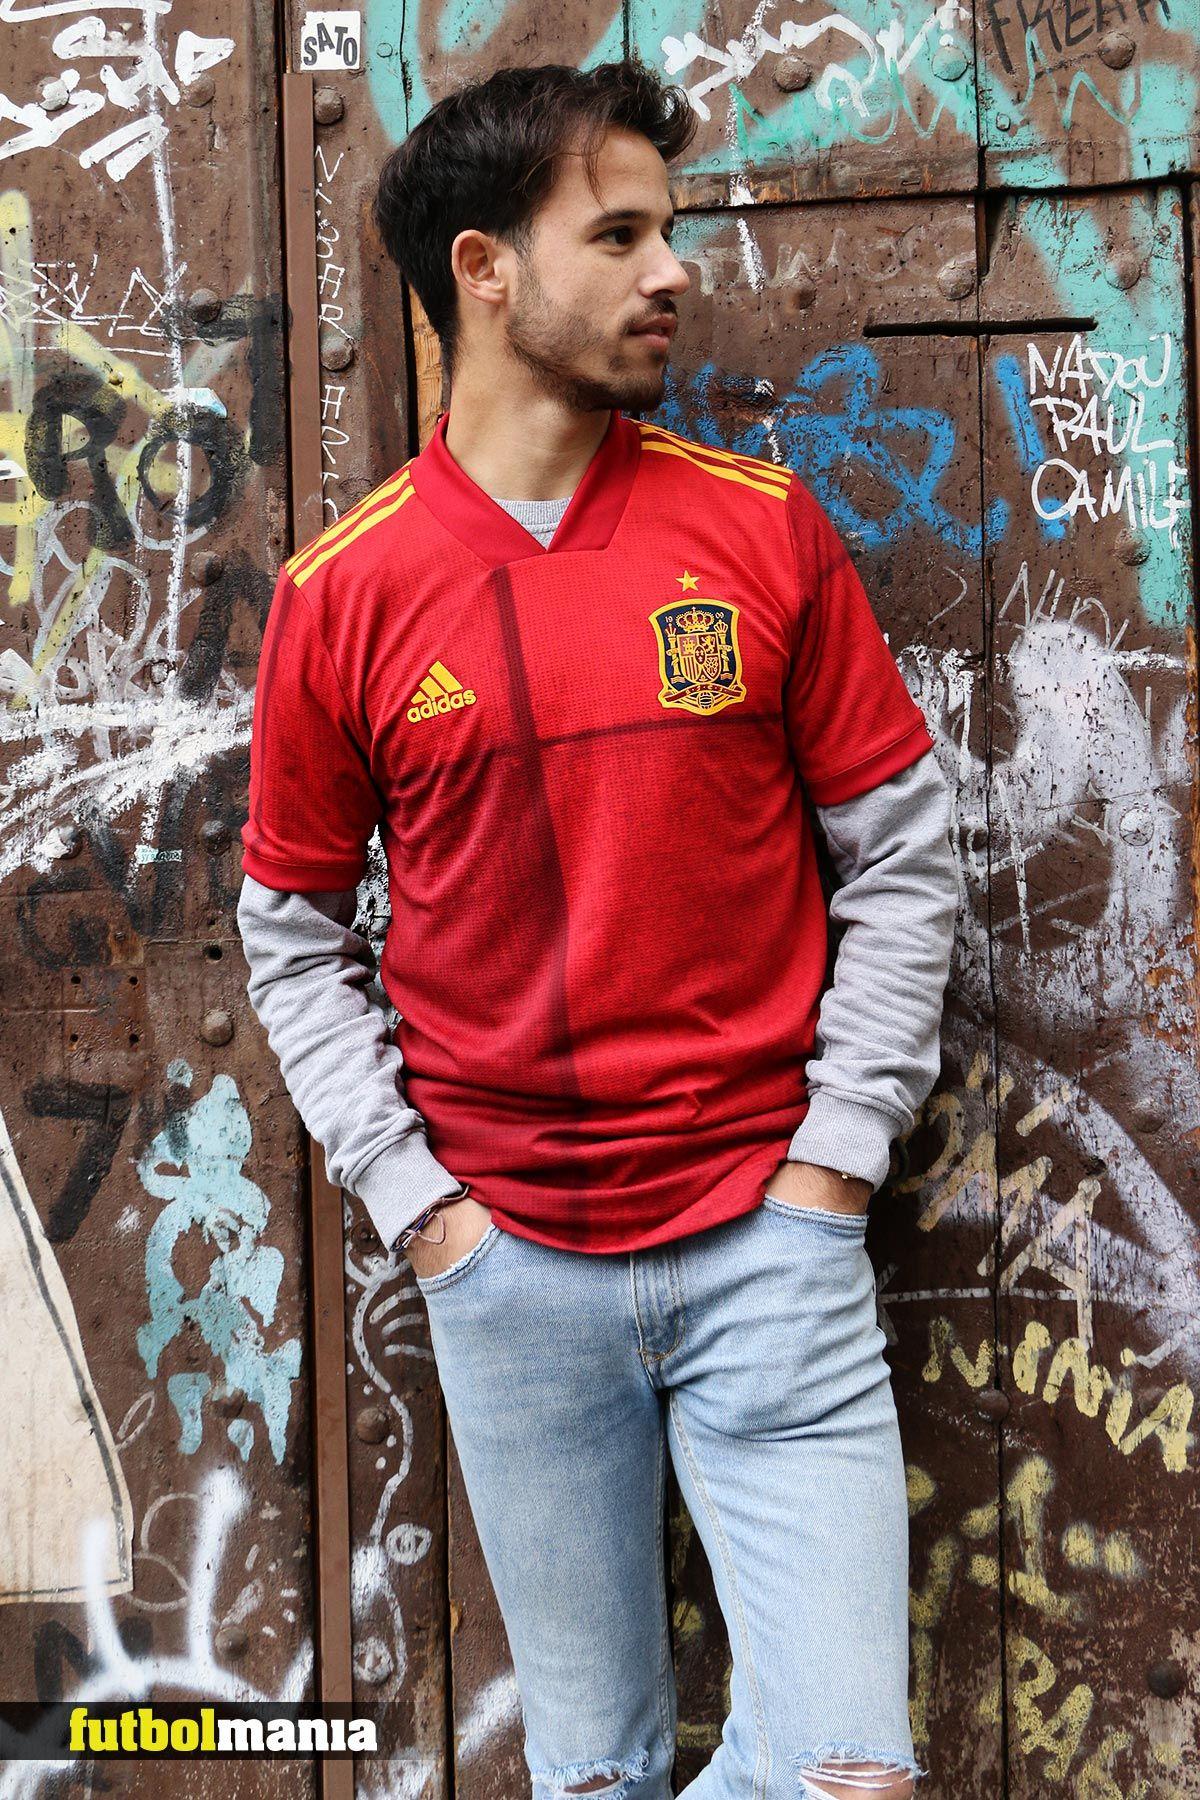 Custodio Más que nada Misterio  Camiseta adidas España 2020 2021 | Atuendo de chaqueta, Camisetas,  Vestuarios deportivos